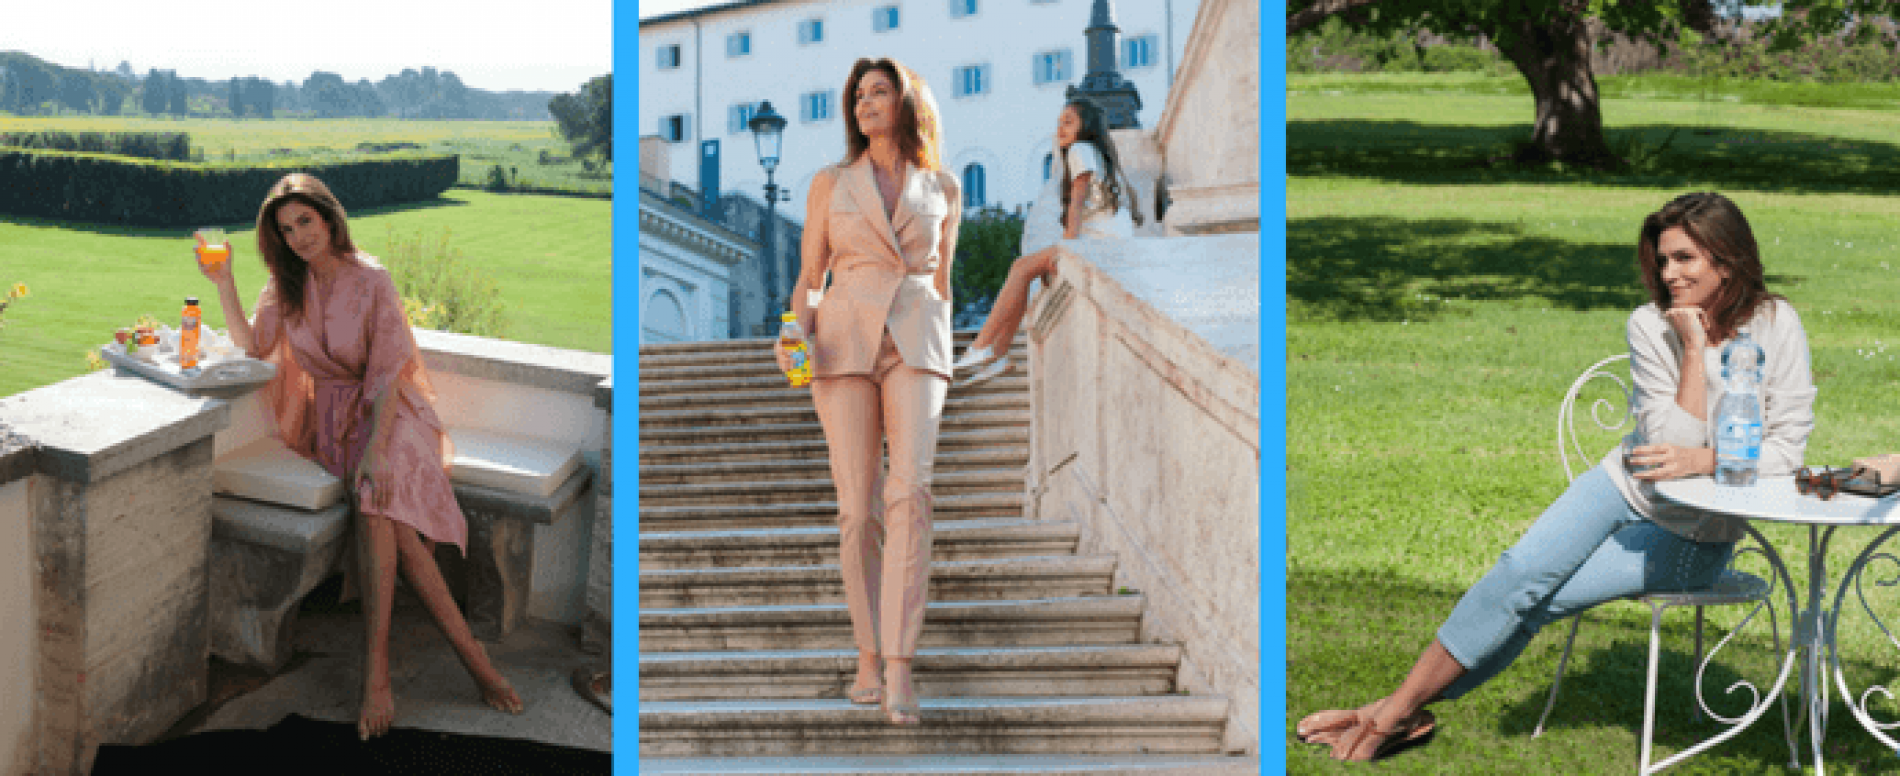 """Cindy Crawford protagonista della nuova campagna """"San Benedetto, I love you"""""""